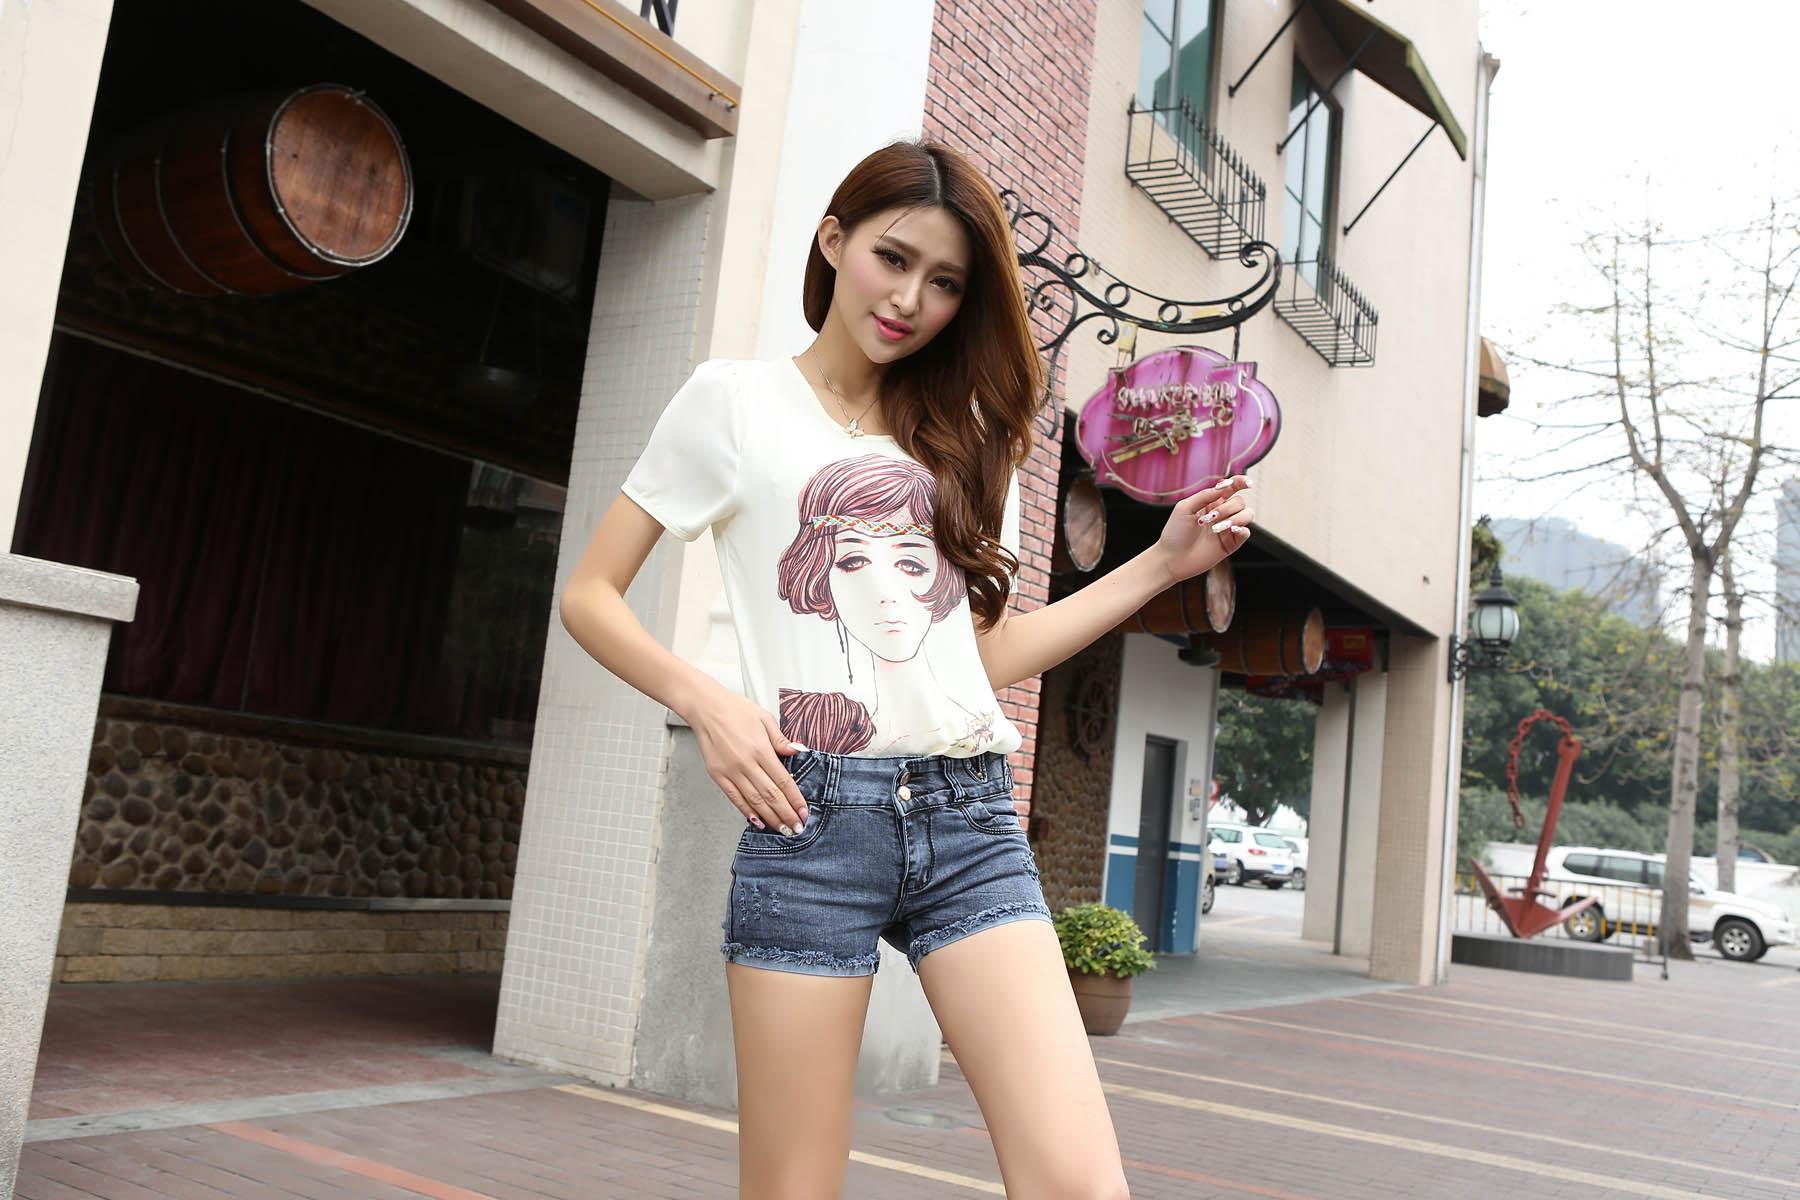 短裤女夏装 短裤搭配图片 短裤女夏装图片 裤裙